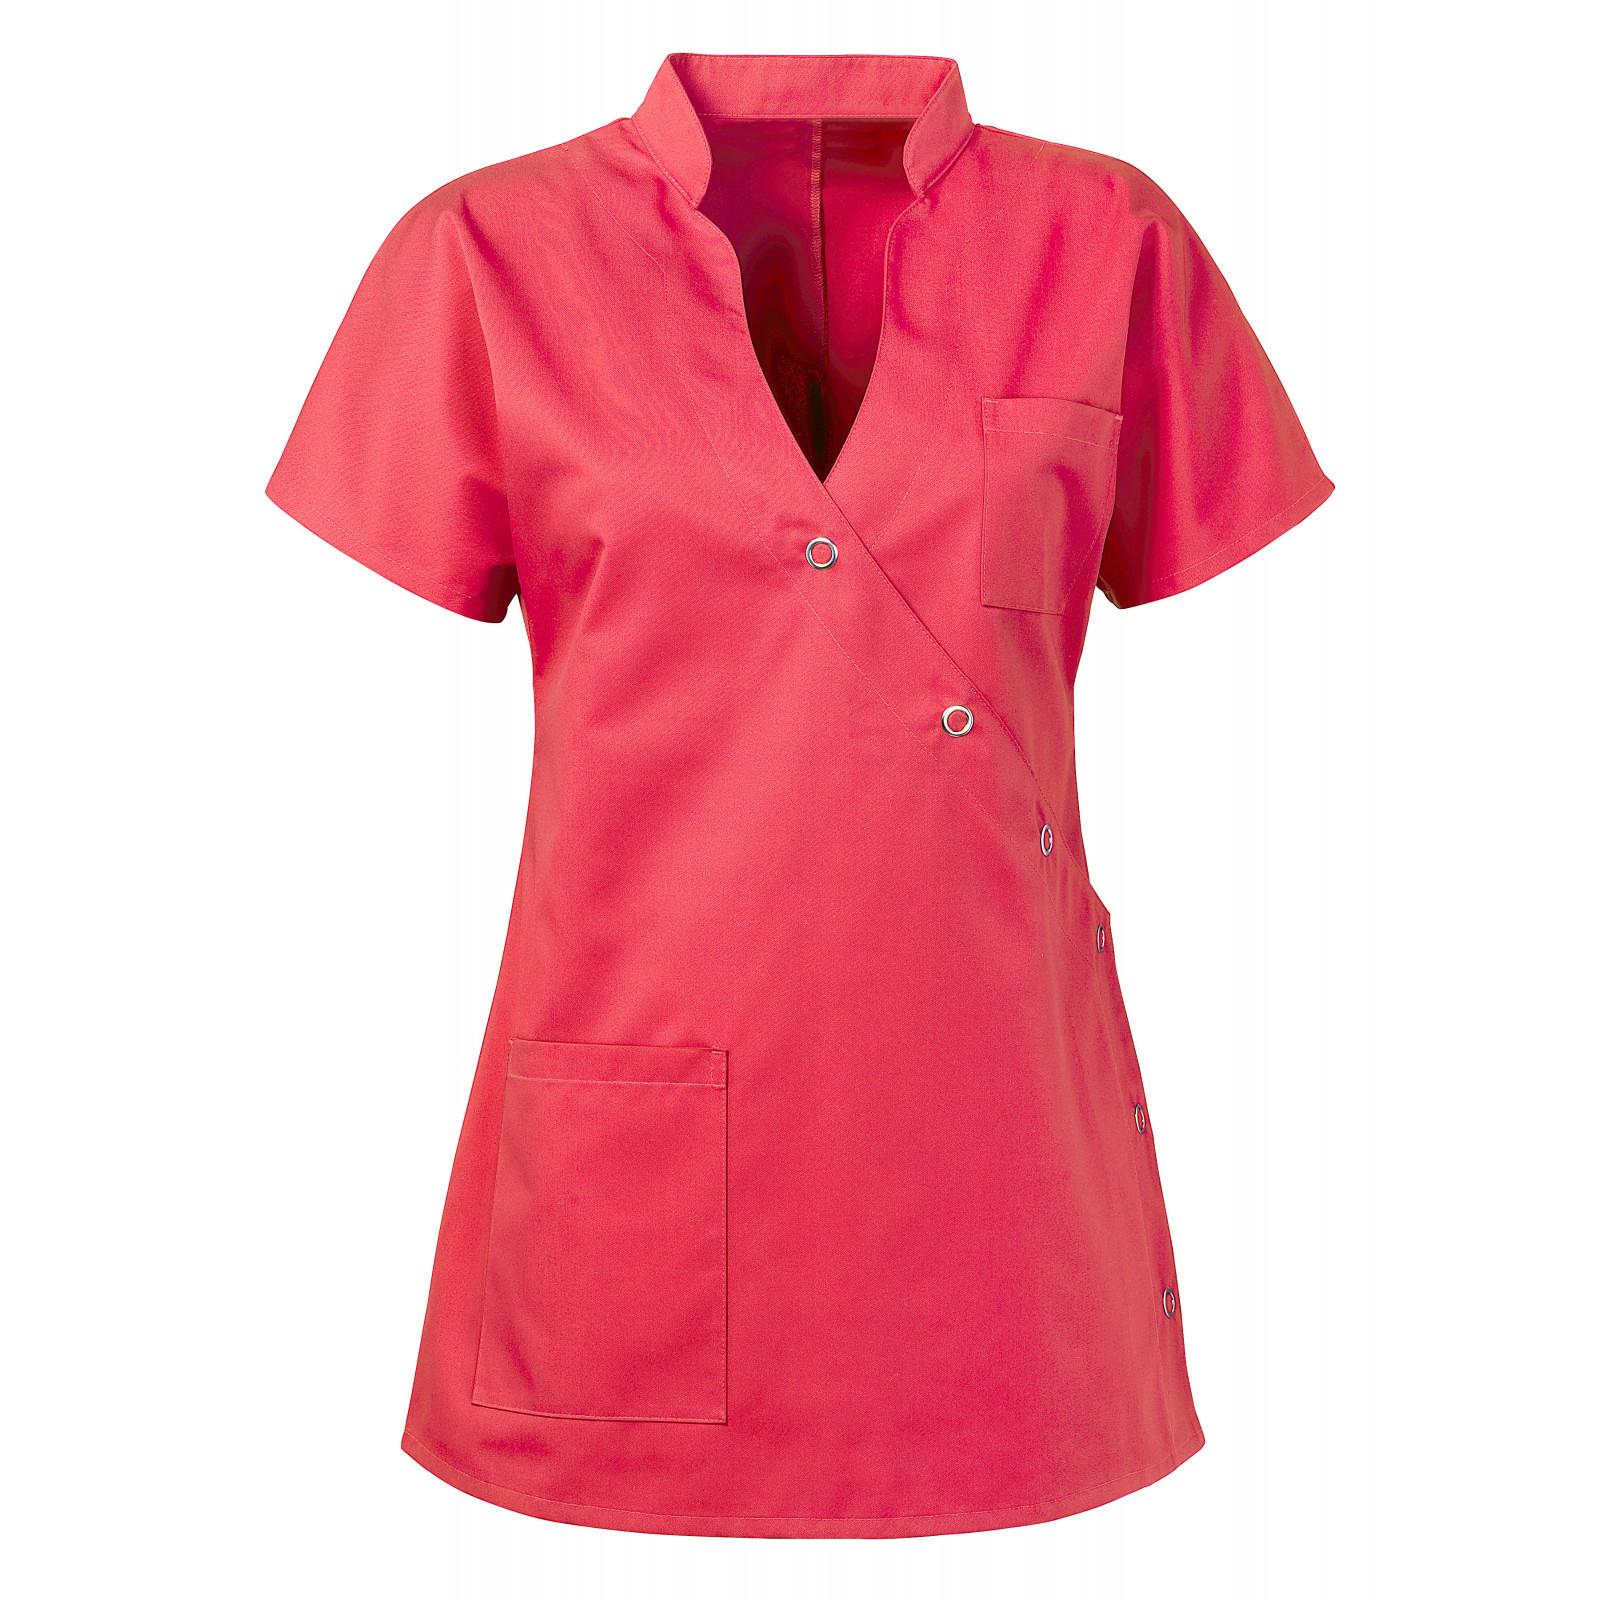 """Blouse médicale femme """"Laura"""", Clinic dress"""